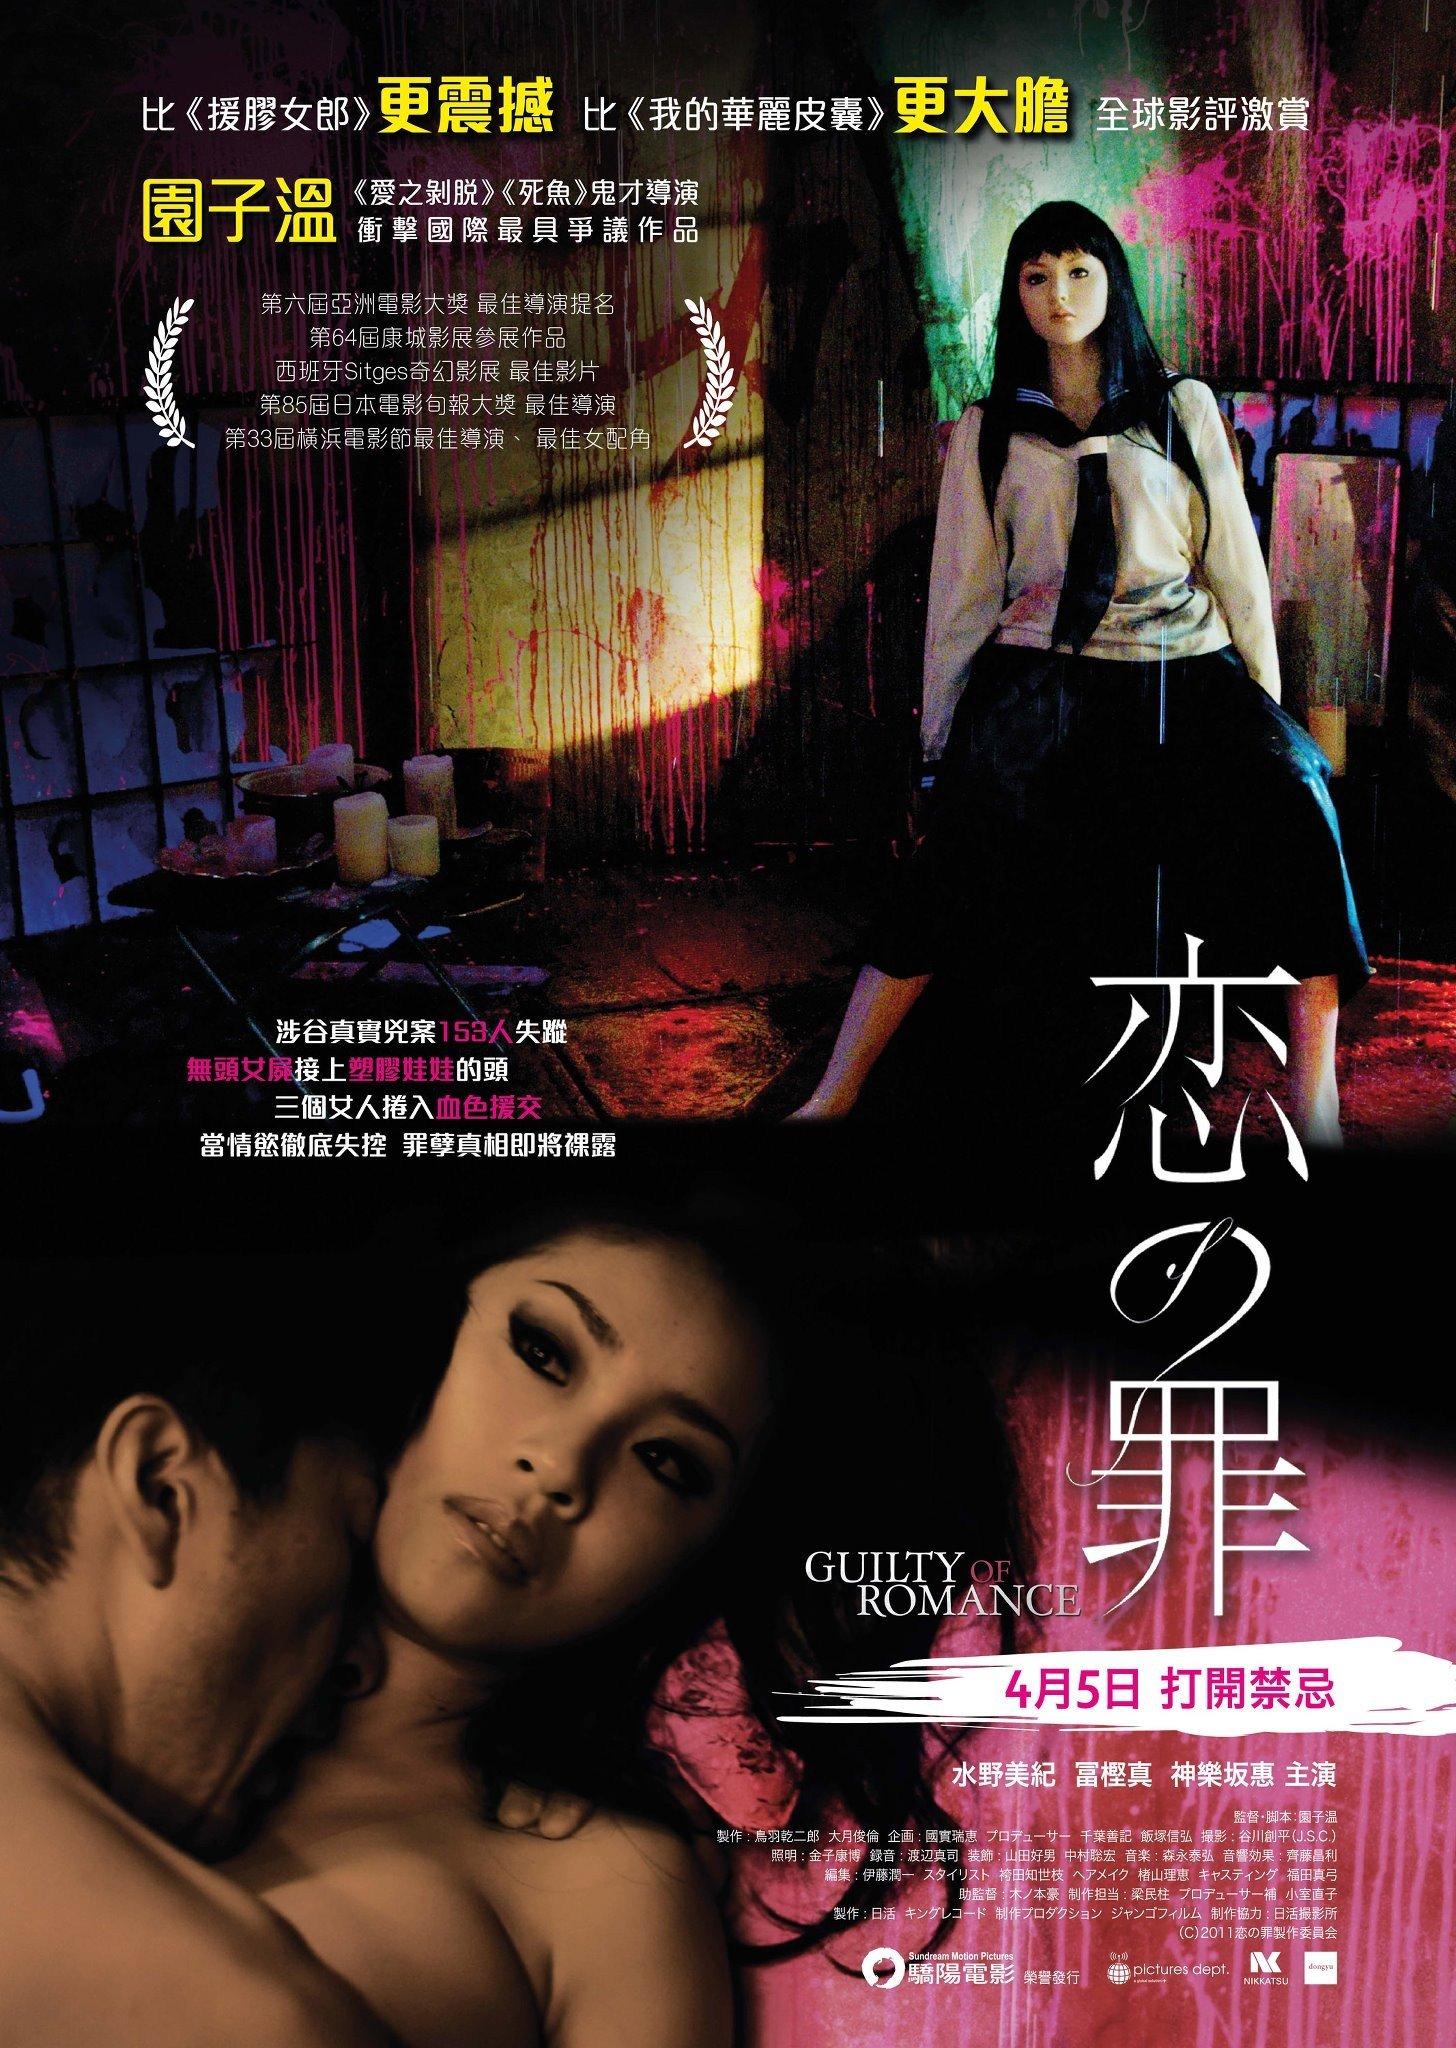 หนังโป๊ฝรั่ง 20+ เต็มเรื่อง ซับไทย SUBTHAI เรื่อง Guilty of Romance (2011) ความผิดแห่งความรัก HD พากย์ไทย